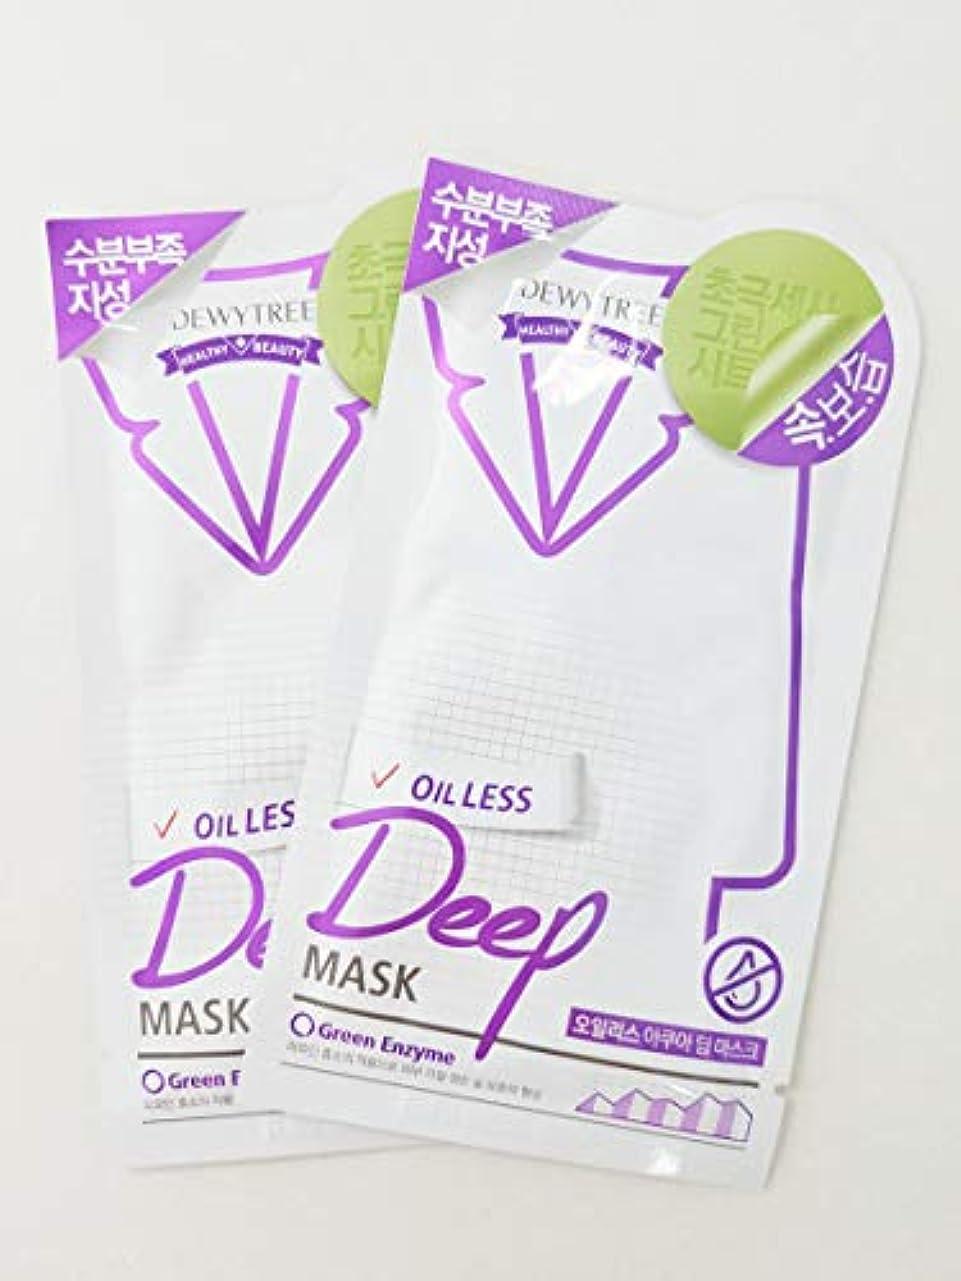 メンタル意志に反する断片(デューイトゥリー) DEWYTREE オイルレスアクアディープマスク 20枚 Oilless Aqua Dip Mask 韓国マスクパック (並行輸入品)